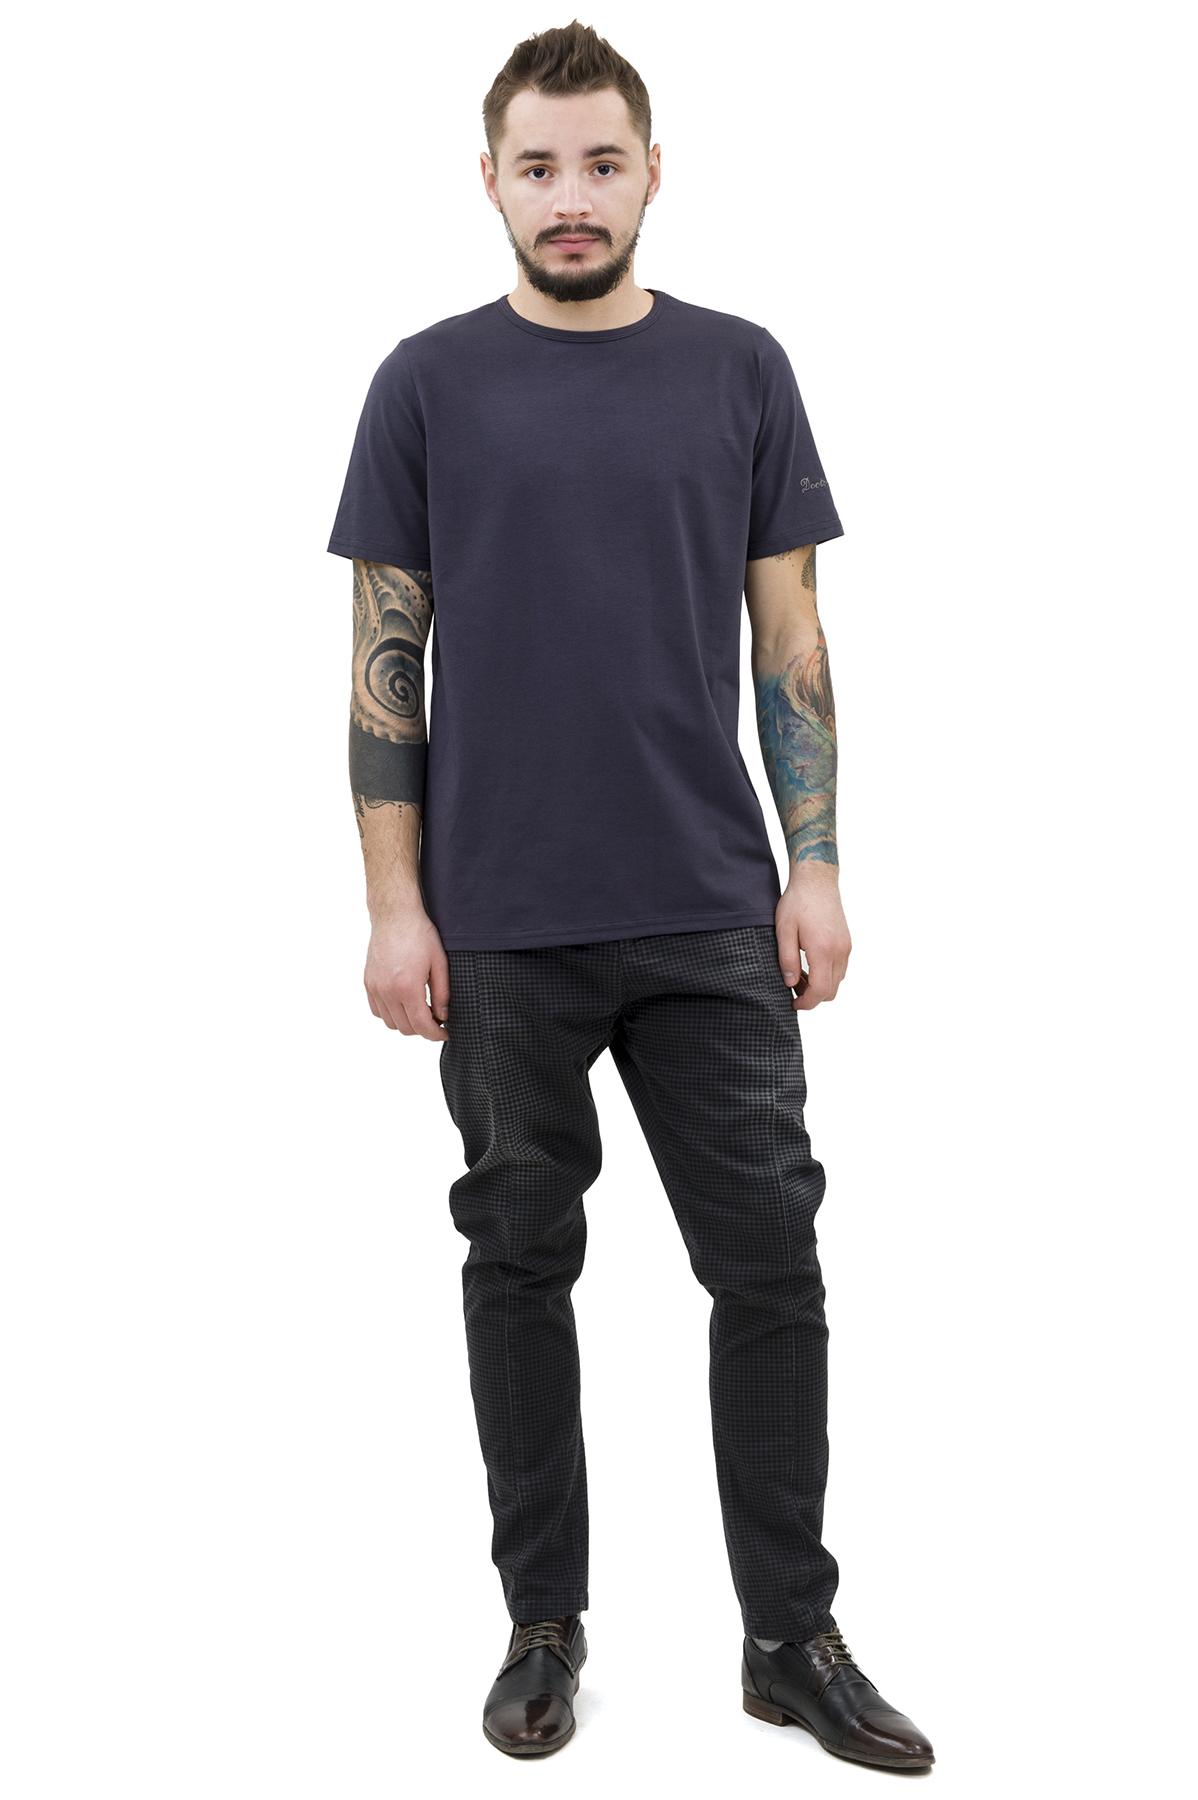 ФутболкаМужские футболки, джемпера<br>Футболка – это удобный выбор на каждый день, поэтому она должна быть яркой и стильной, чтобы привнести в повседневный образ красок. Округлый вырез горловины, короткие рукава, эффектный принт - все это футболка Doctor E, из высококачественного трикотажа.<br><br>Цвет: темно-серый<br>Состав: 92% хлопок; 8% эластан<br>Размер: 44,46,48,50,52,54,56,58,60<br>Страна дизайна: Россия<br>Страна производства: Россия